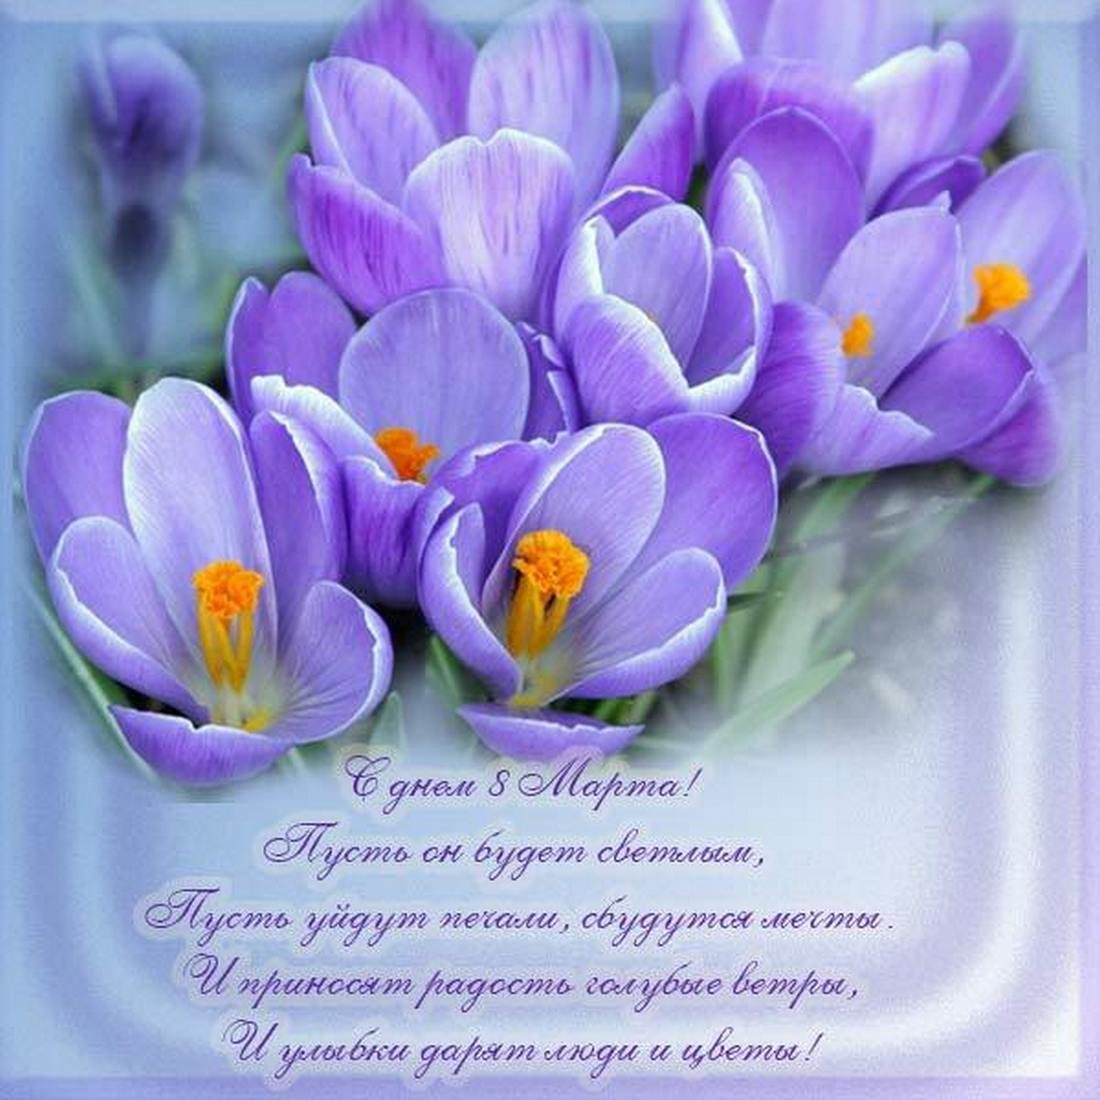 Картинки с поздравления 8 марта, открытку новый